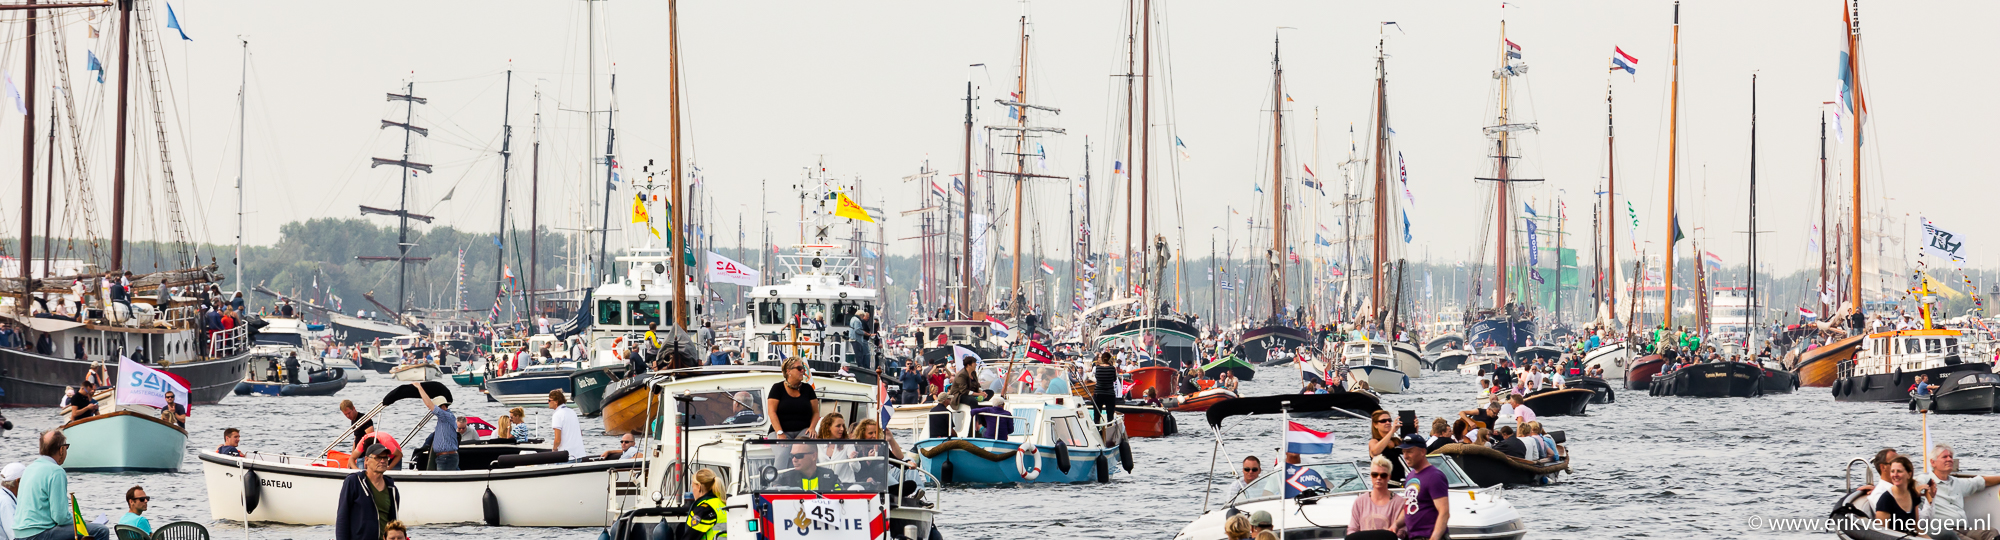 Sail-in parade - Sail Amsterdam 2015